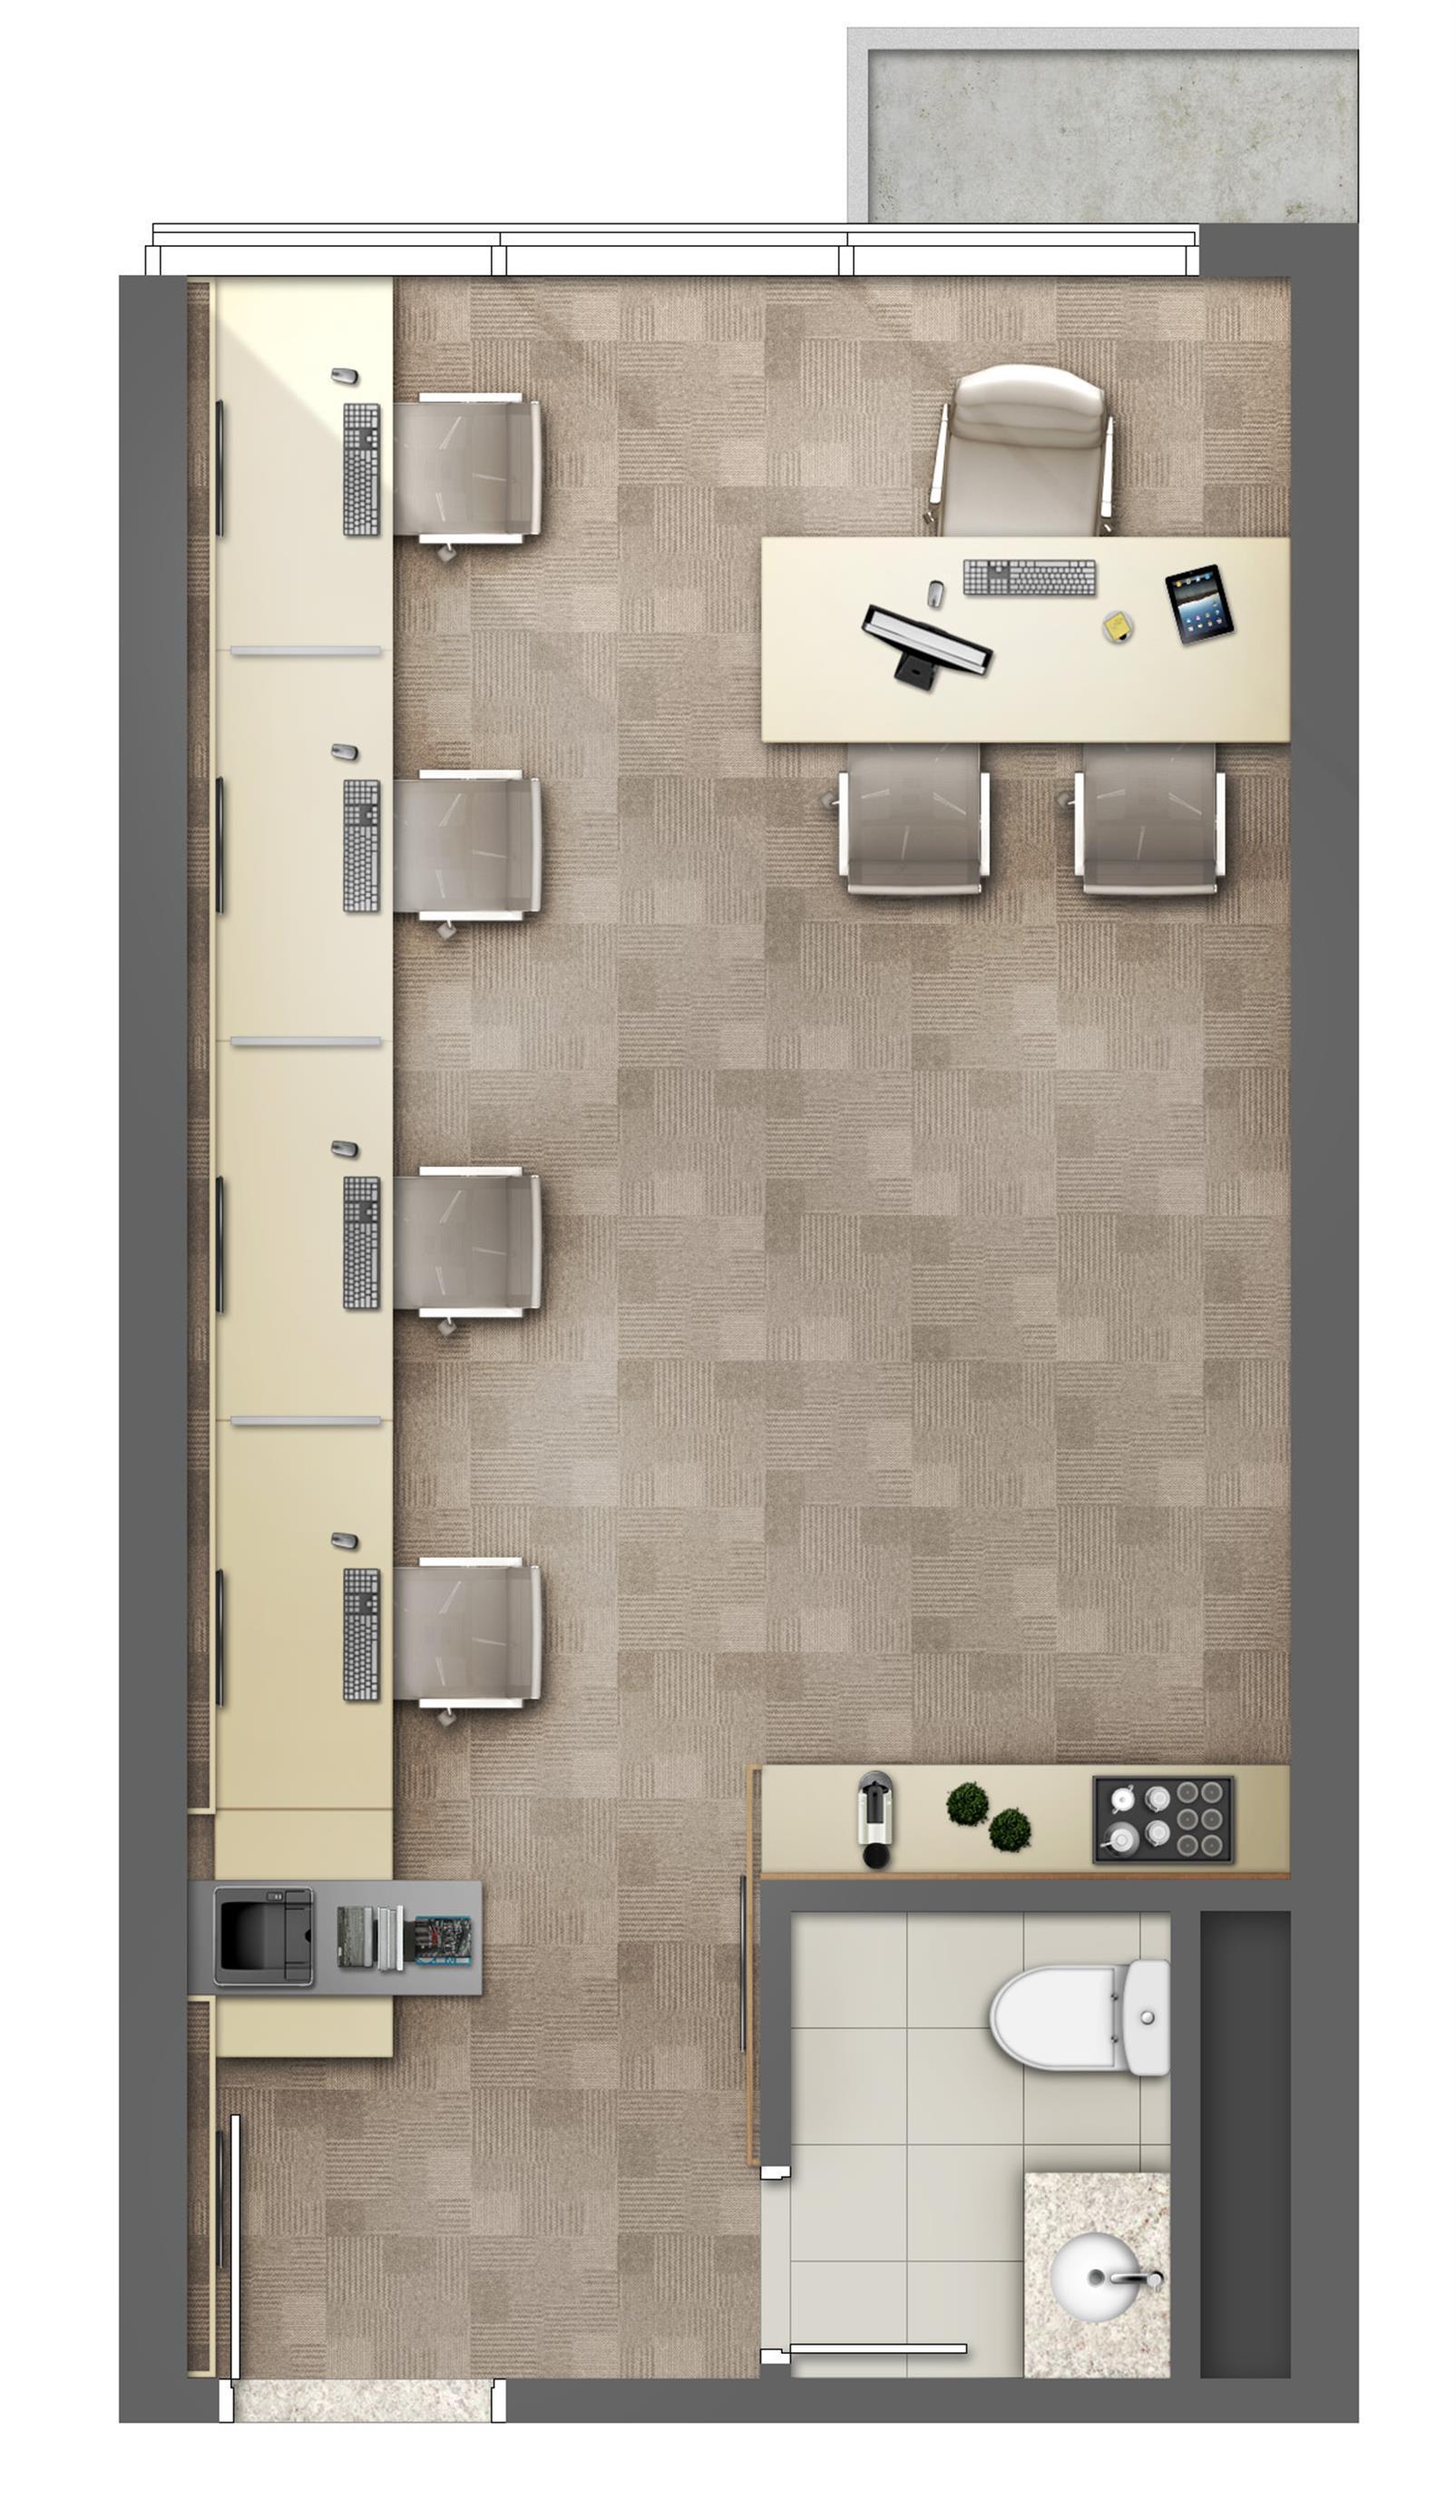 Empresa de Softwares Médicos - Área 31m² - Torre Norte Office | MEDPLEX - Torre Norte – Salas Comerciaisno  Centro do Eixo Hospitalar  - Porto Alegre - Rio Grande do Sul